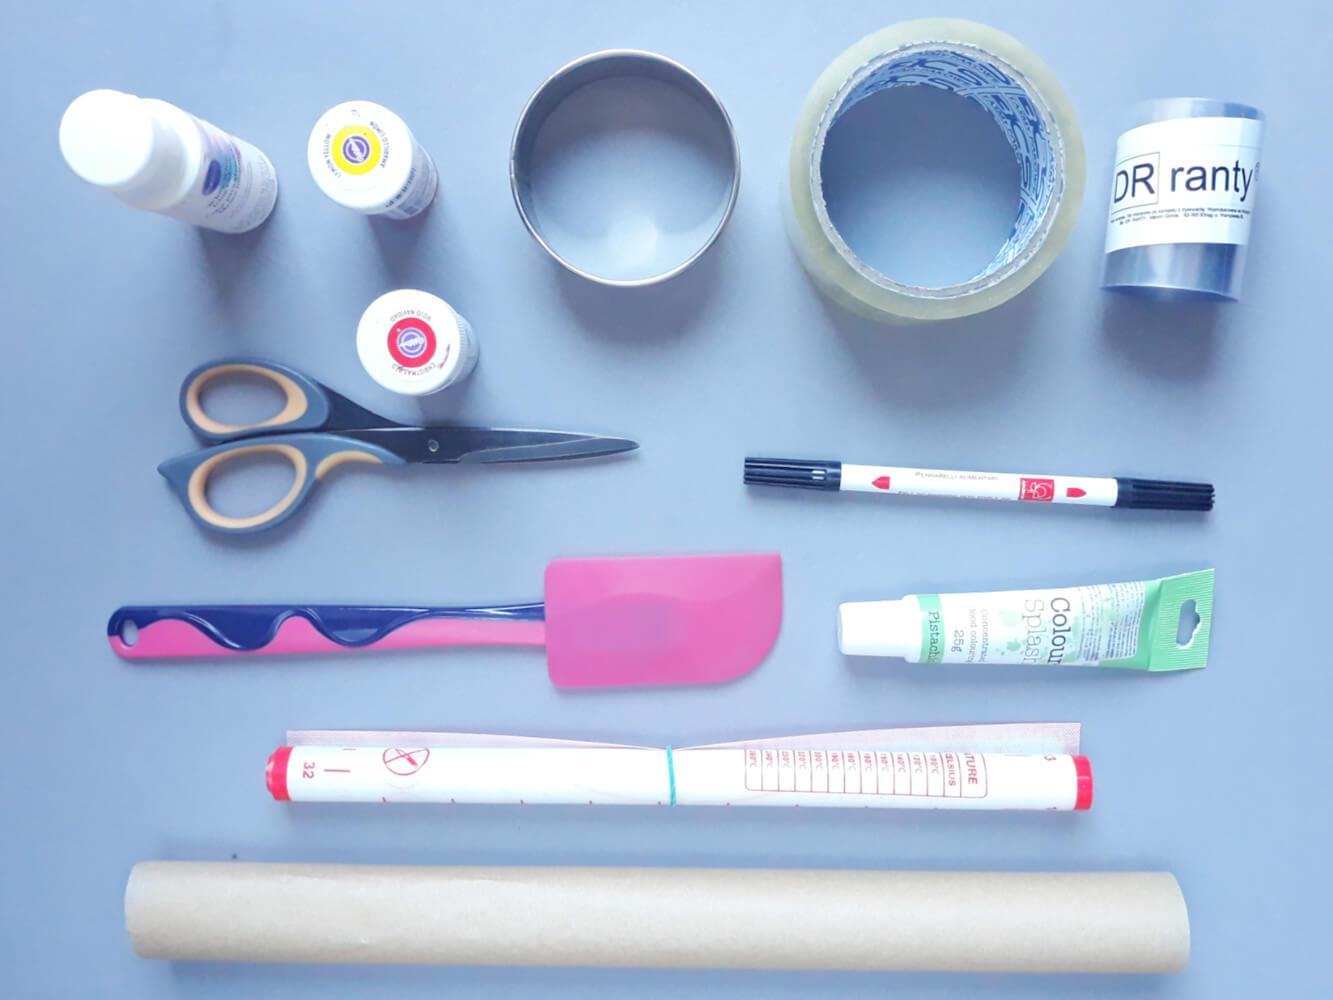 narzędzia do przygotowania monoporcji ze wzorem w truskawki, papier do pieczenia, mata siliknowa, barwniki spożywcze, szpatułka silikonowa, taśma klejąca, nożyczki, masaz jadalny, folia rantowa dorosiowe ranty, wykrawacz okrągły